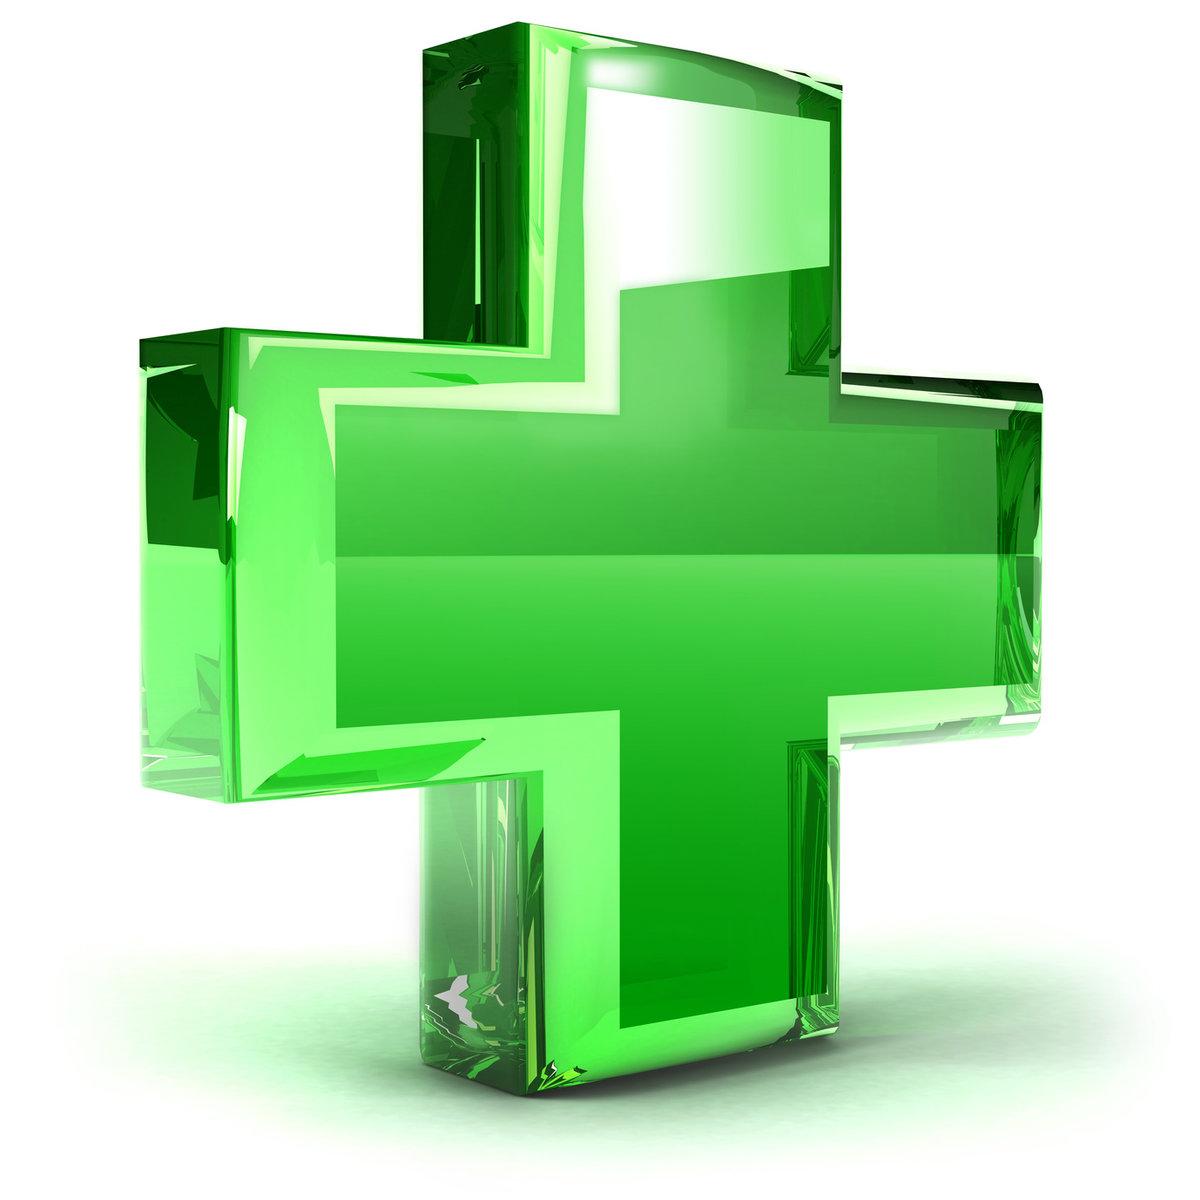 Comifar sceglie Improvia per lo sviluppo delle Farmacie